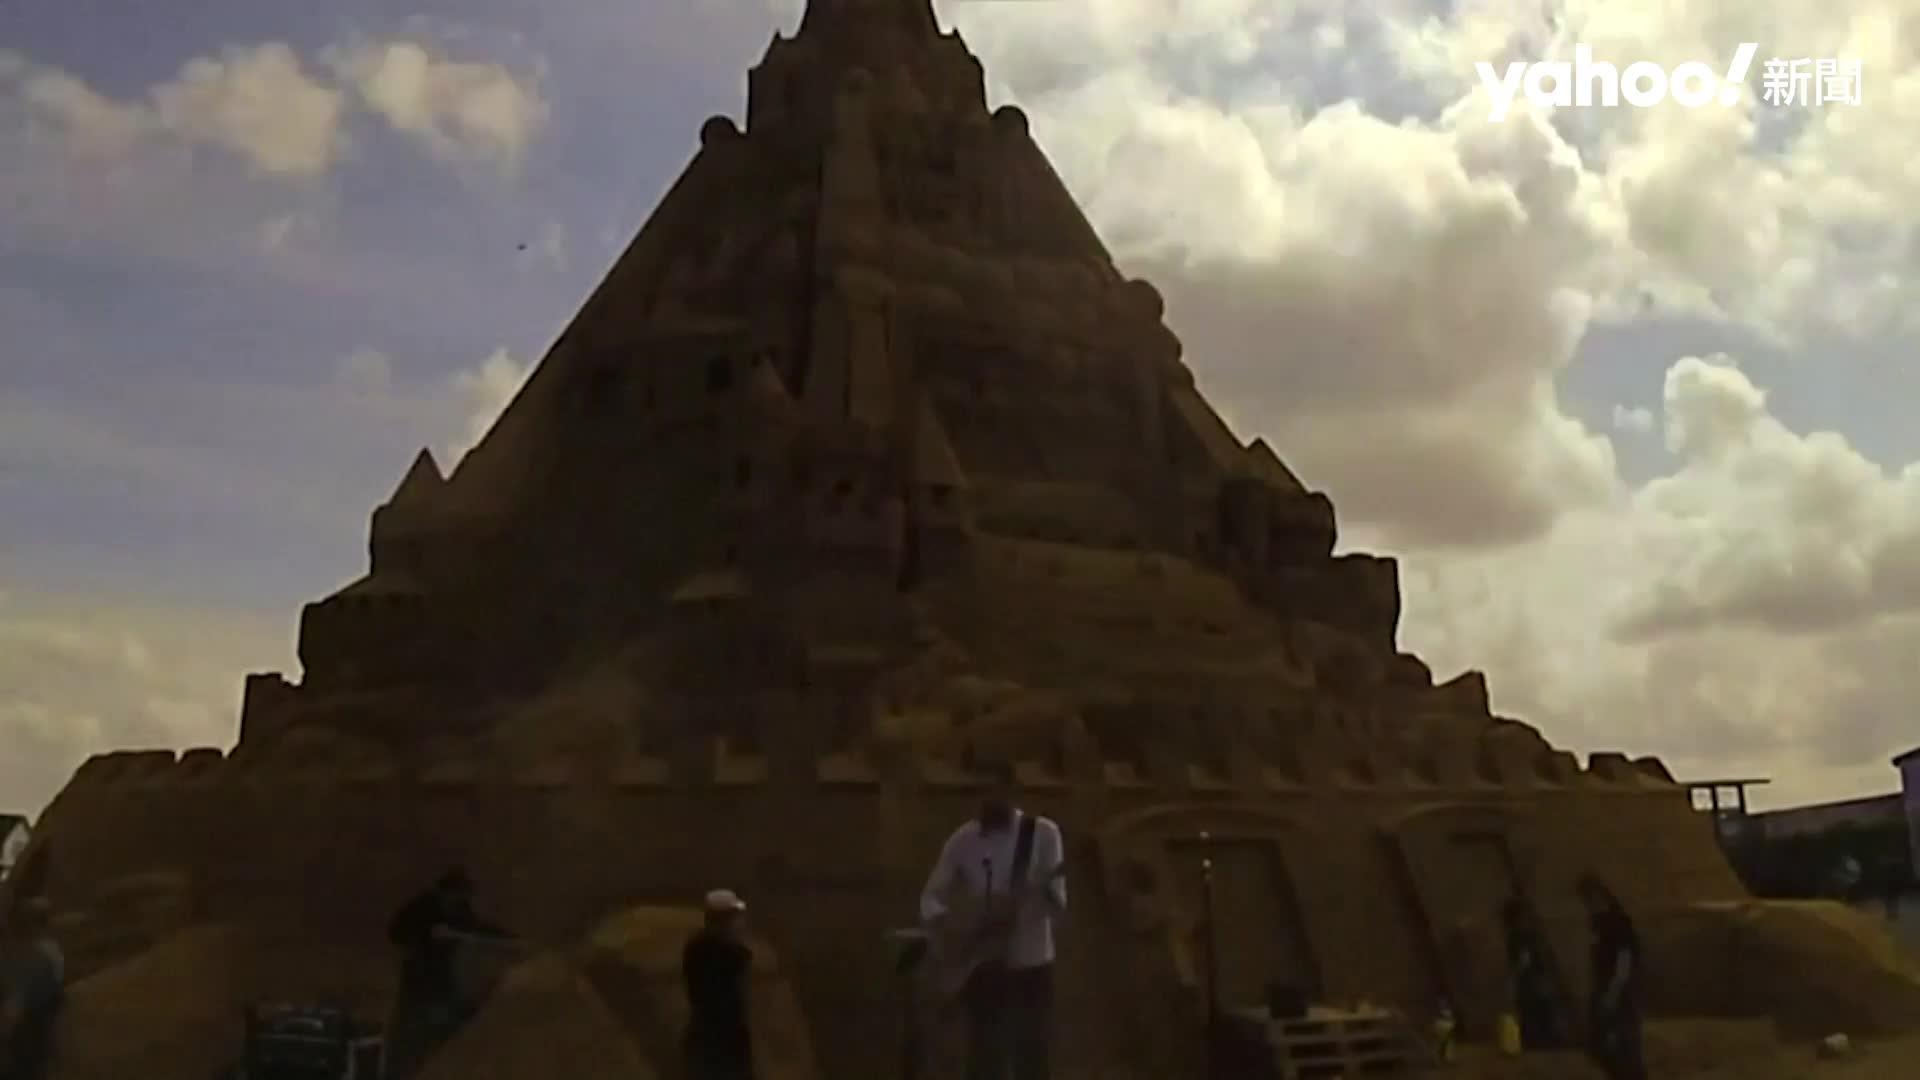 世界最高沙雕「疫情」城堡 21公尺高4860噸沙打造